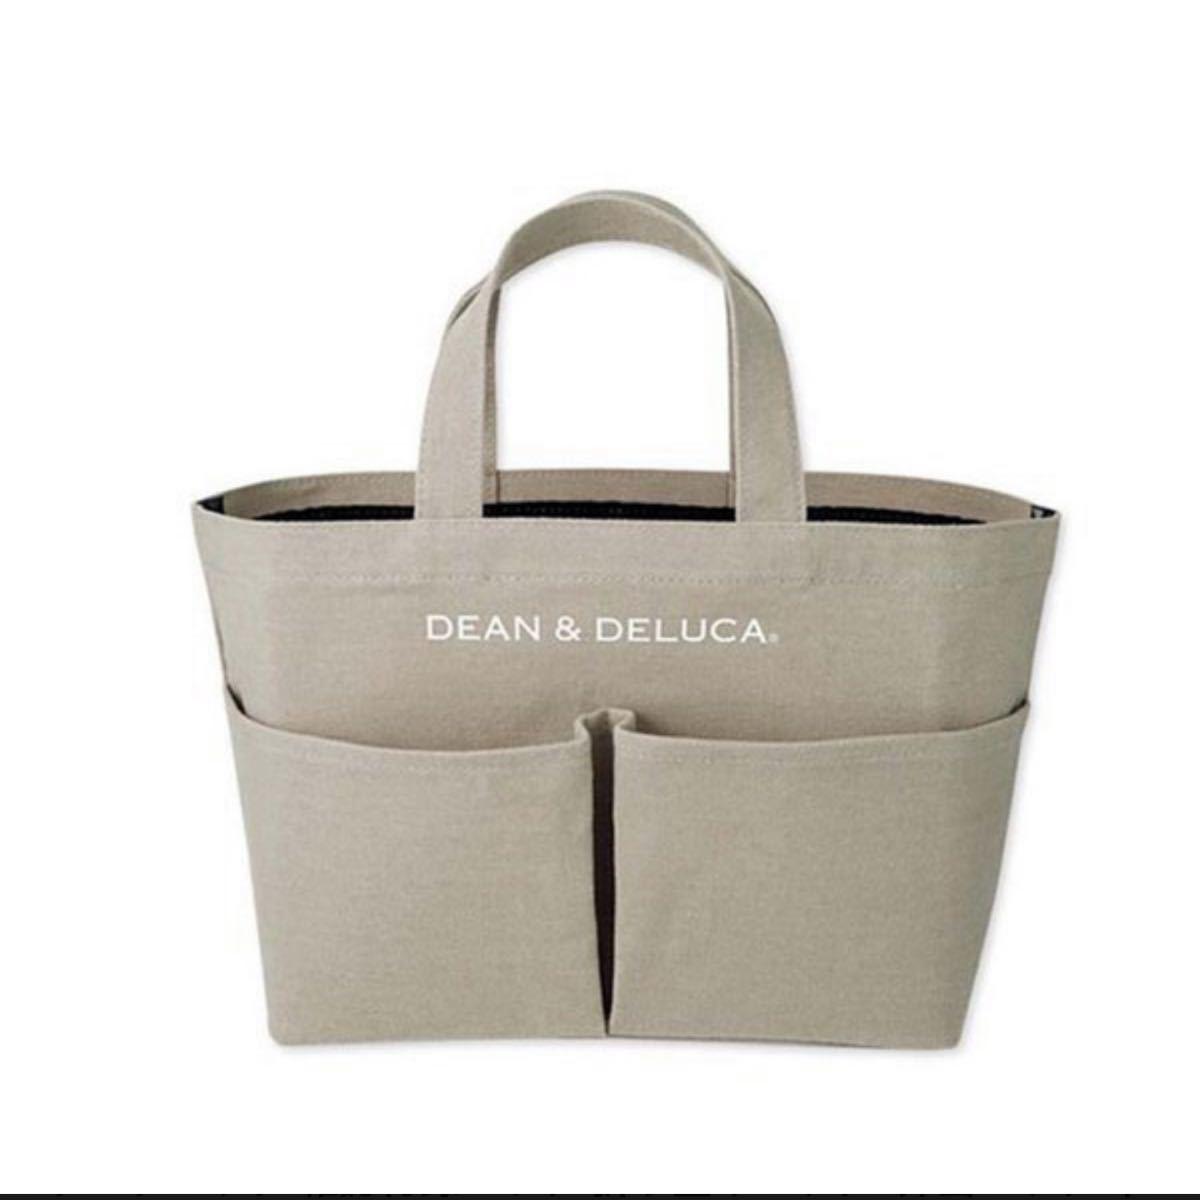 DEAN&DELUCA ディーン&デルーカ キャンバストートバッグ トートバッグ エコバッグ ベージュ カフェカラー